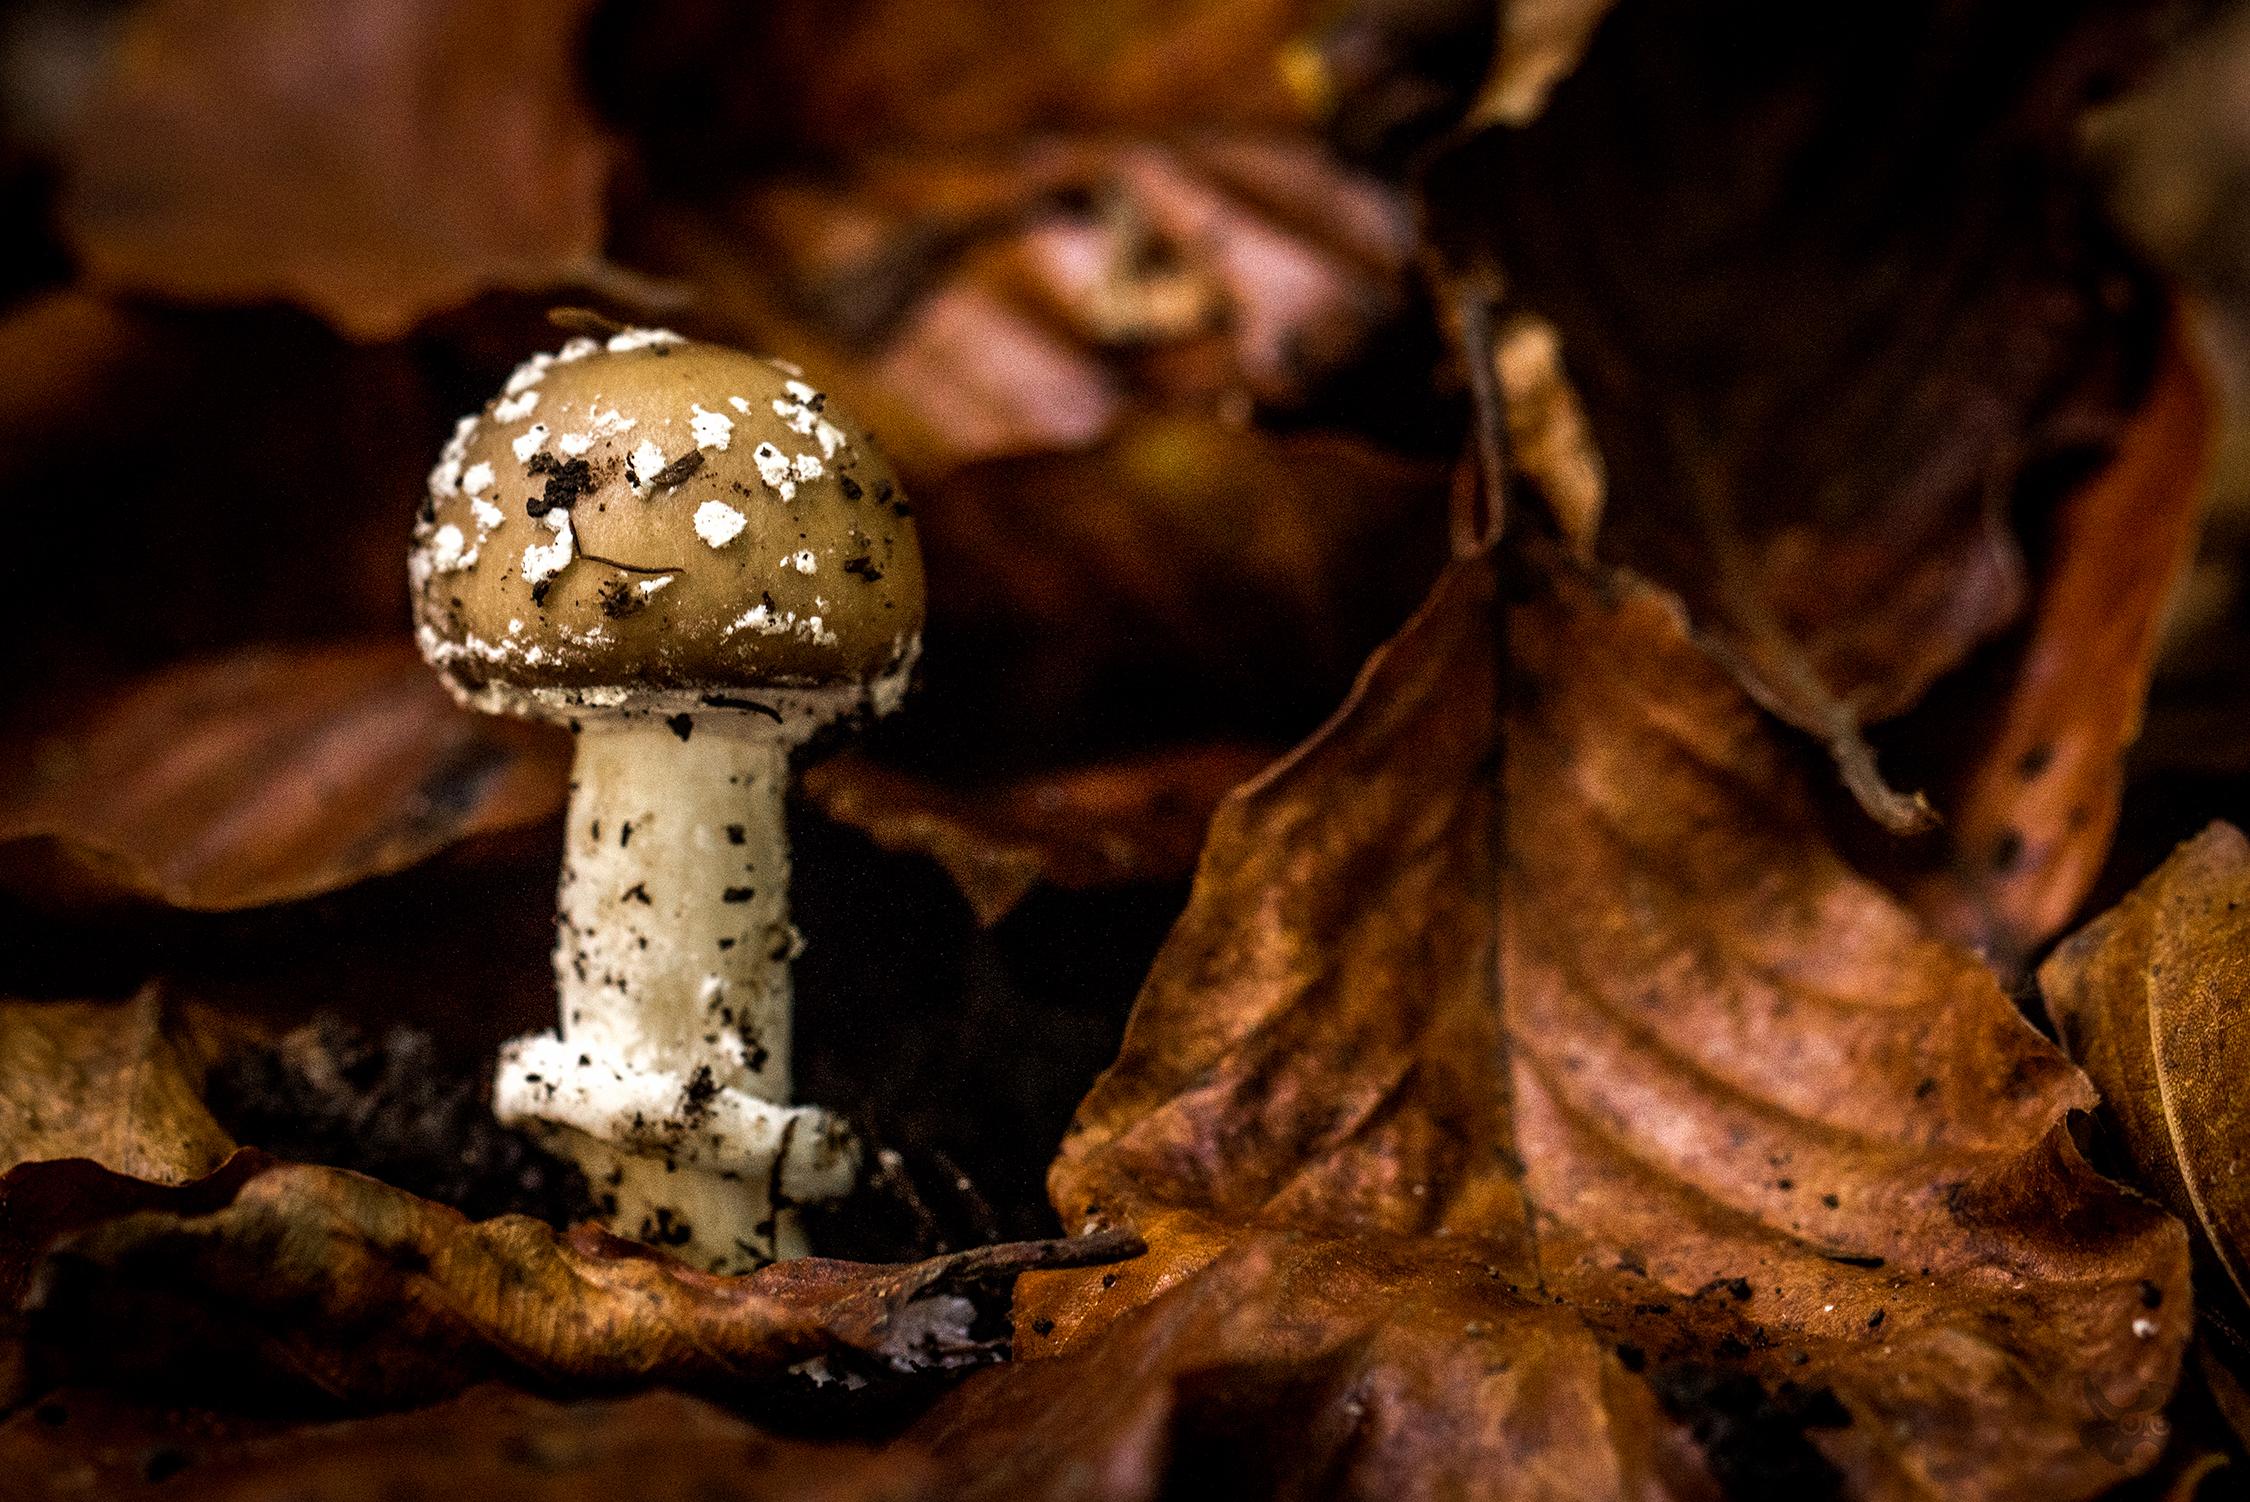 Photographie de champignon (type amanite) en forêt